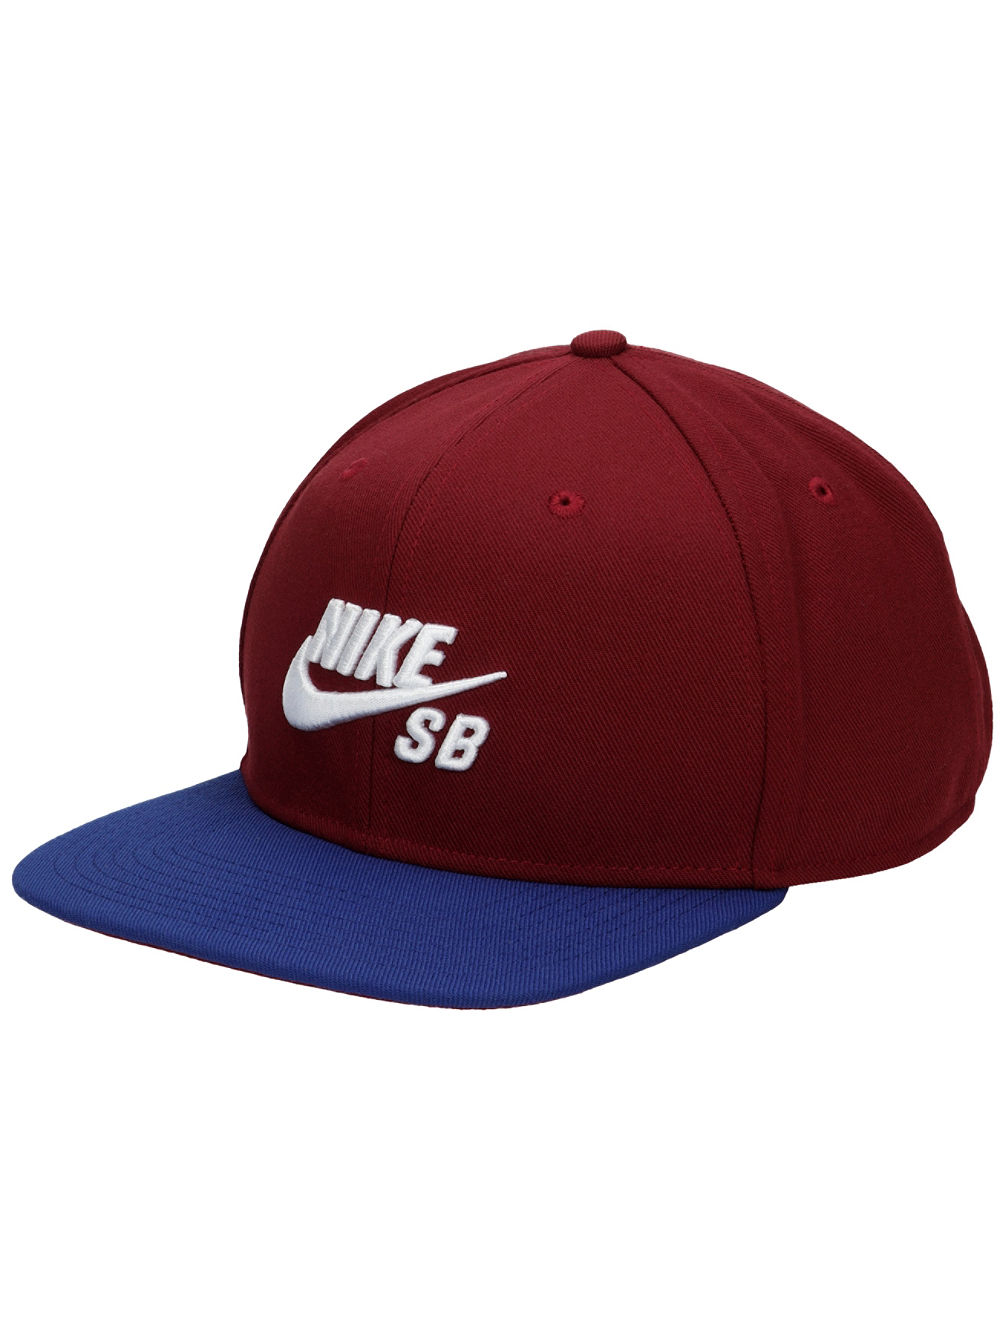 Buy Nike SB Icon Snapback Cap online at blue-tomato.com 1ba2ead7dbc6